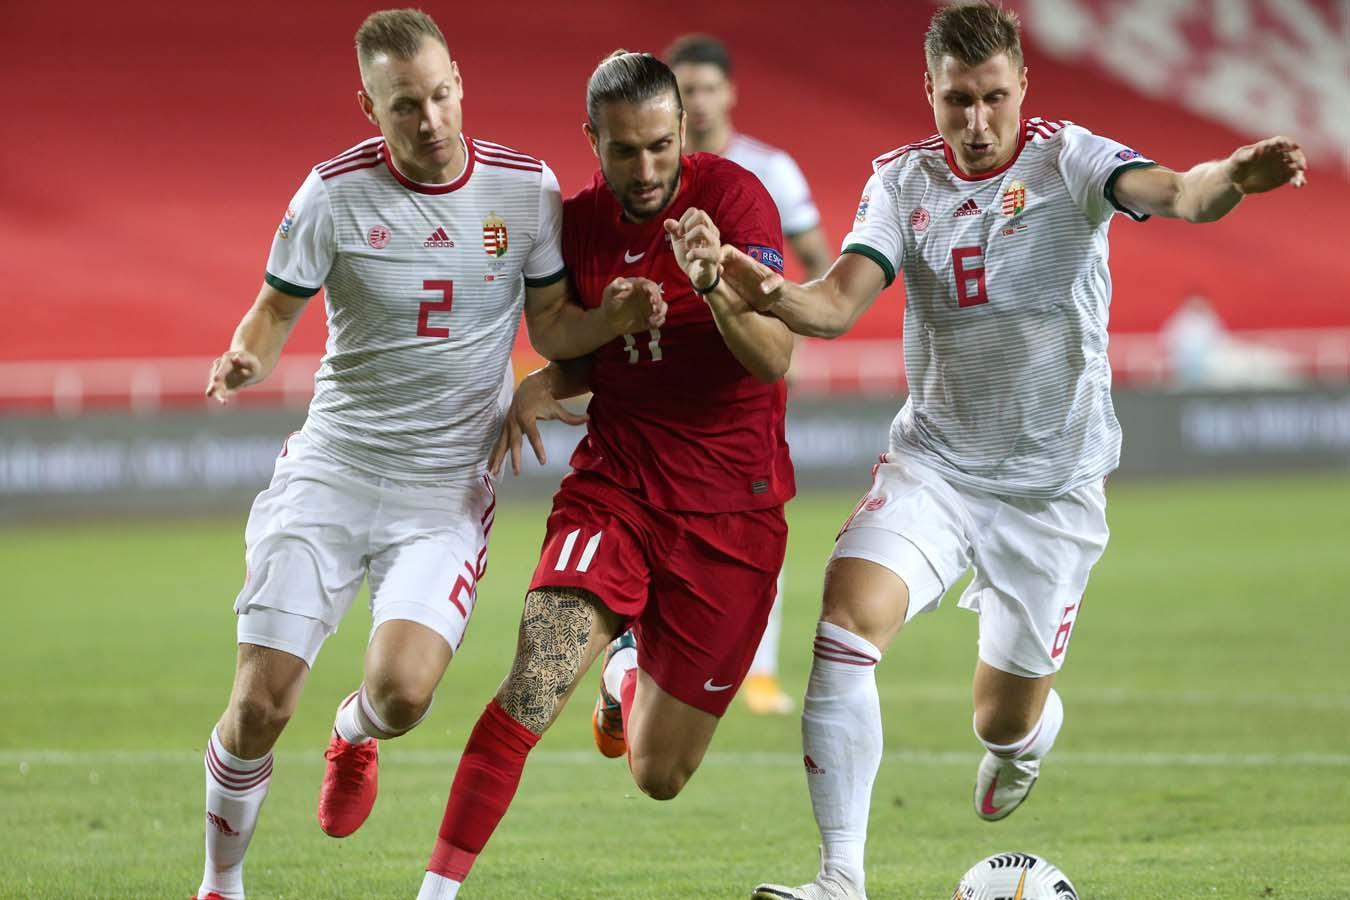 A Milli Futbol Takımımız, Macaristan'la karşı karşıya geldi! İşte karşılaşmadan kareler